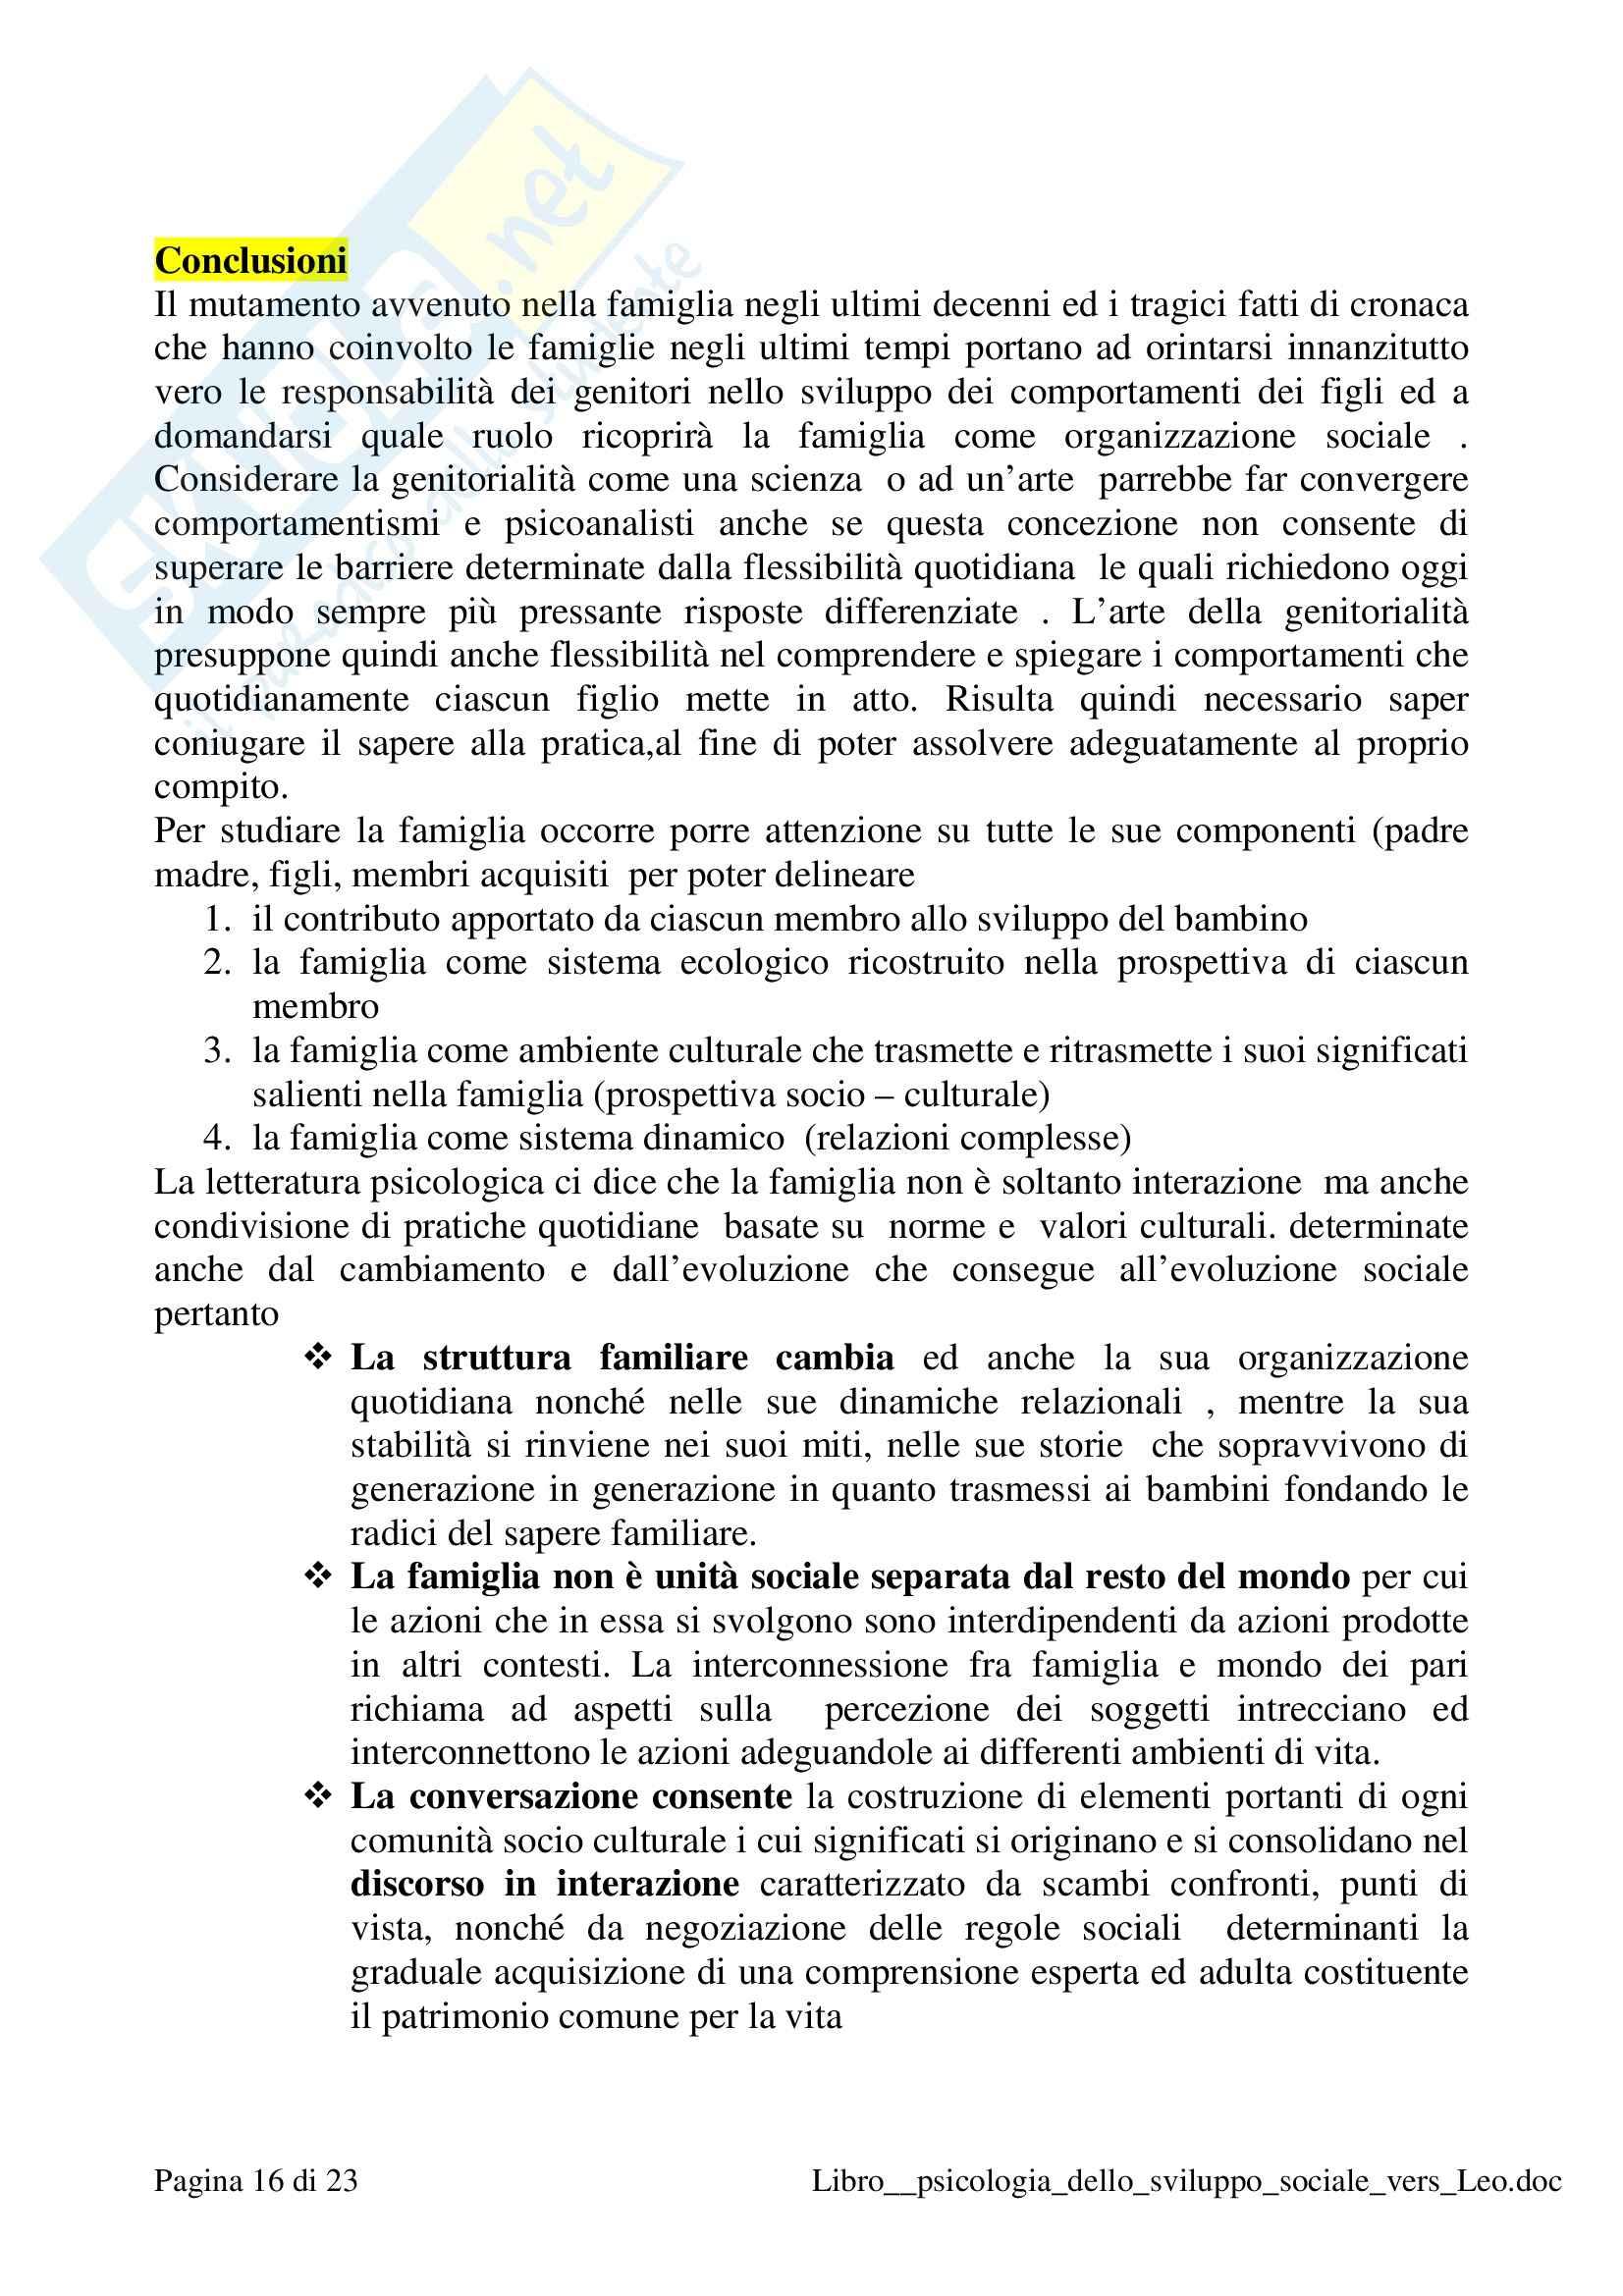 Riassunto esame Psicologia dello sviluppo sociale, prof. Prestano, libro consigliato Psicologia sviluppo sociale, Molinari Pag. 16